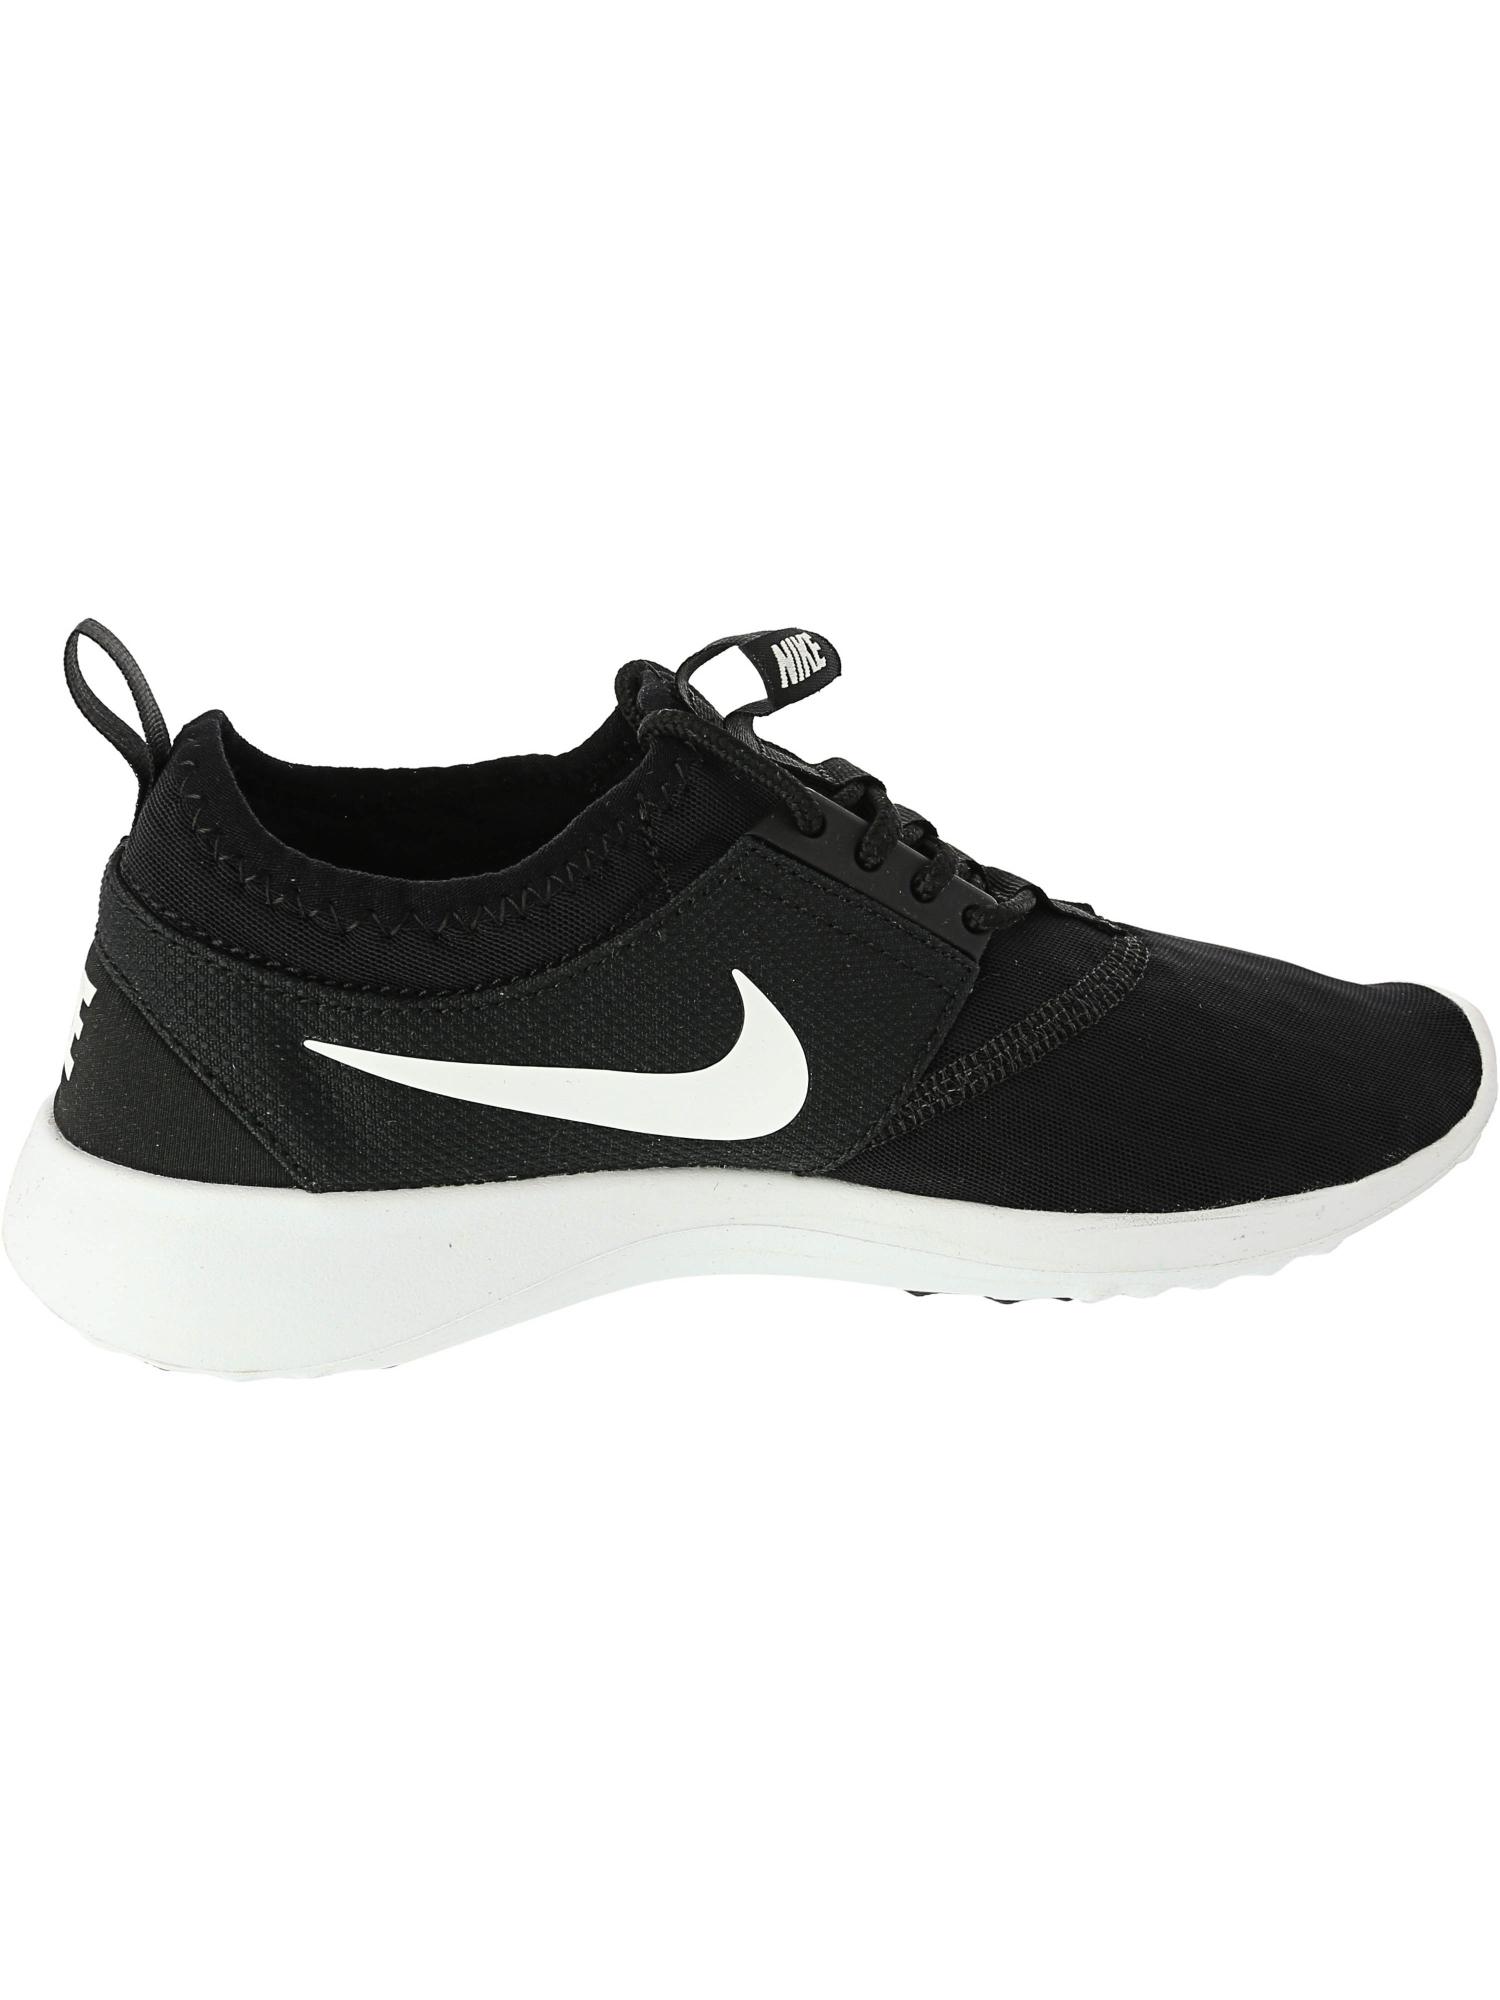 Nike Juvenate Running Shoe